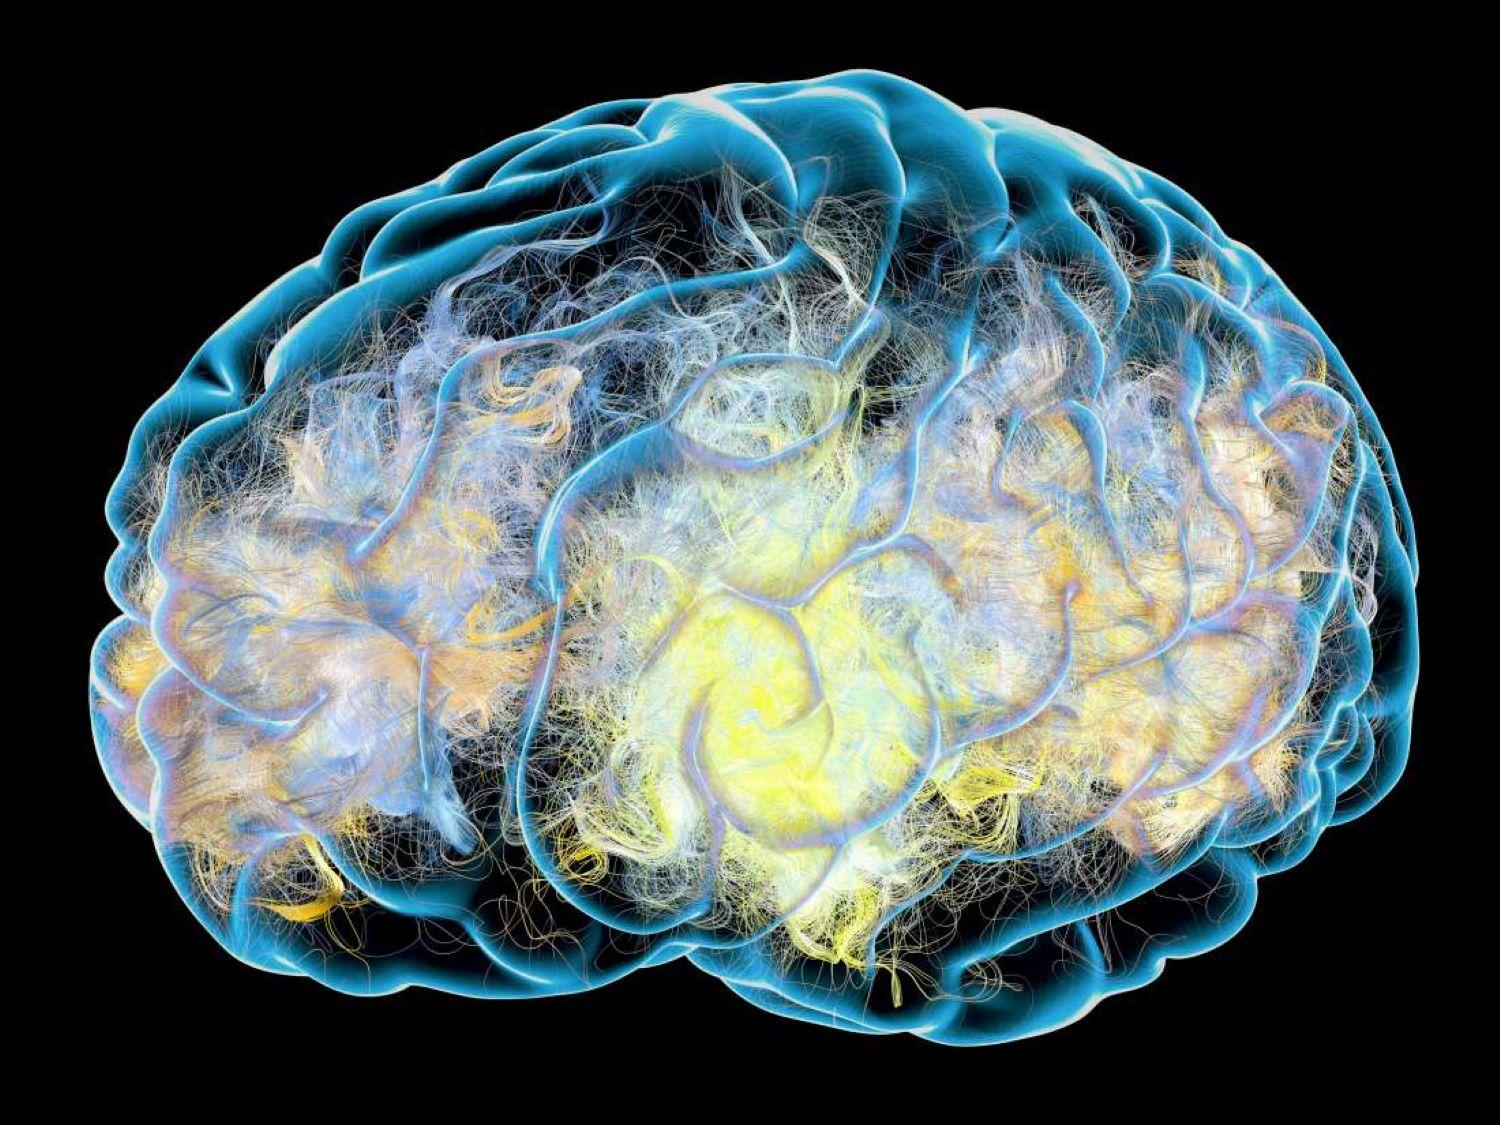 Brain activity Parkinsons image